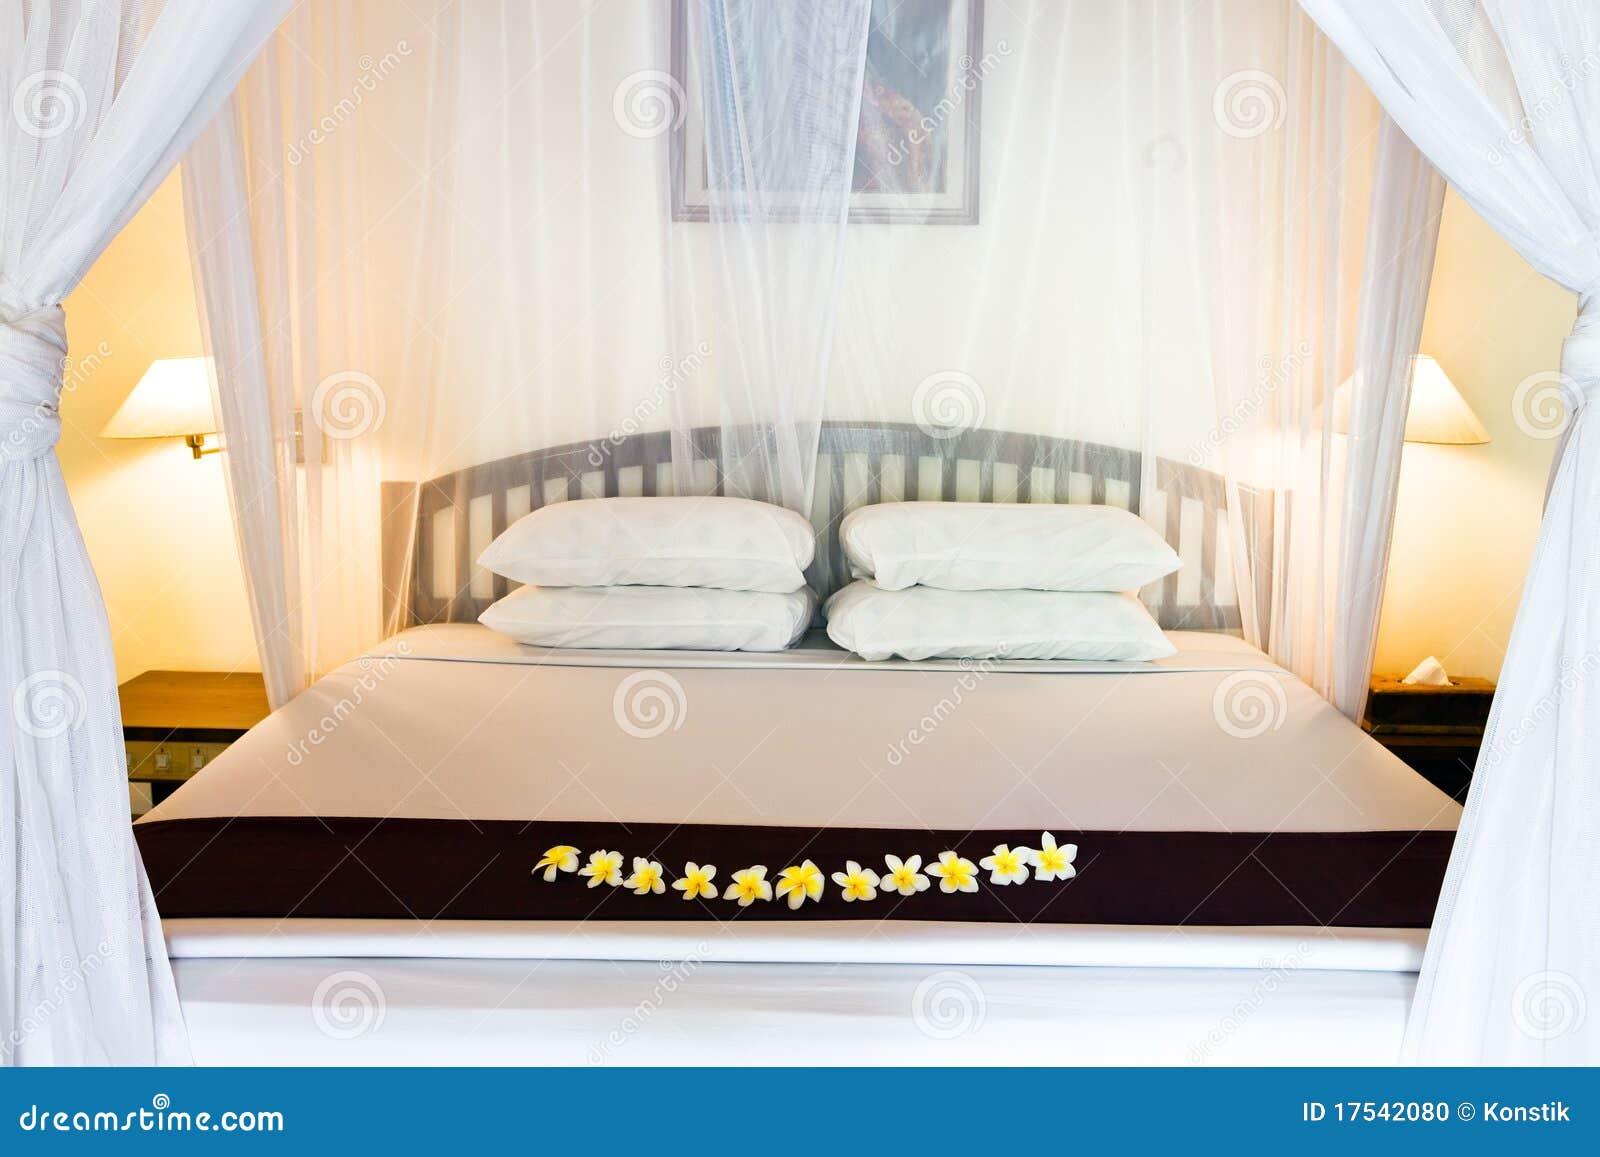 Cama ancha bajo las cortinas de la cama foto de archivo - Cortinas para cama ...